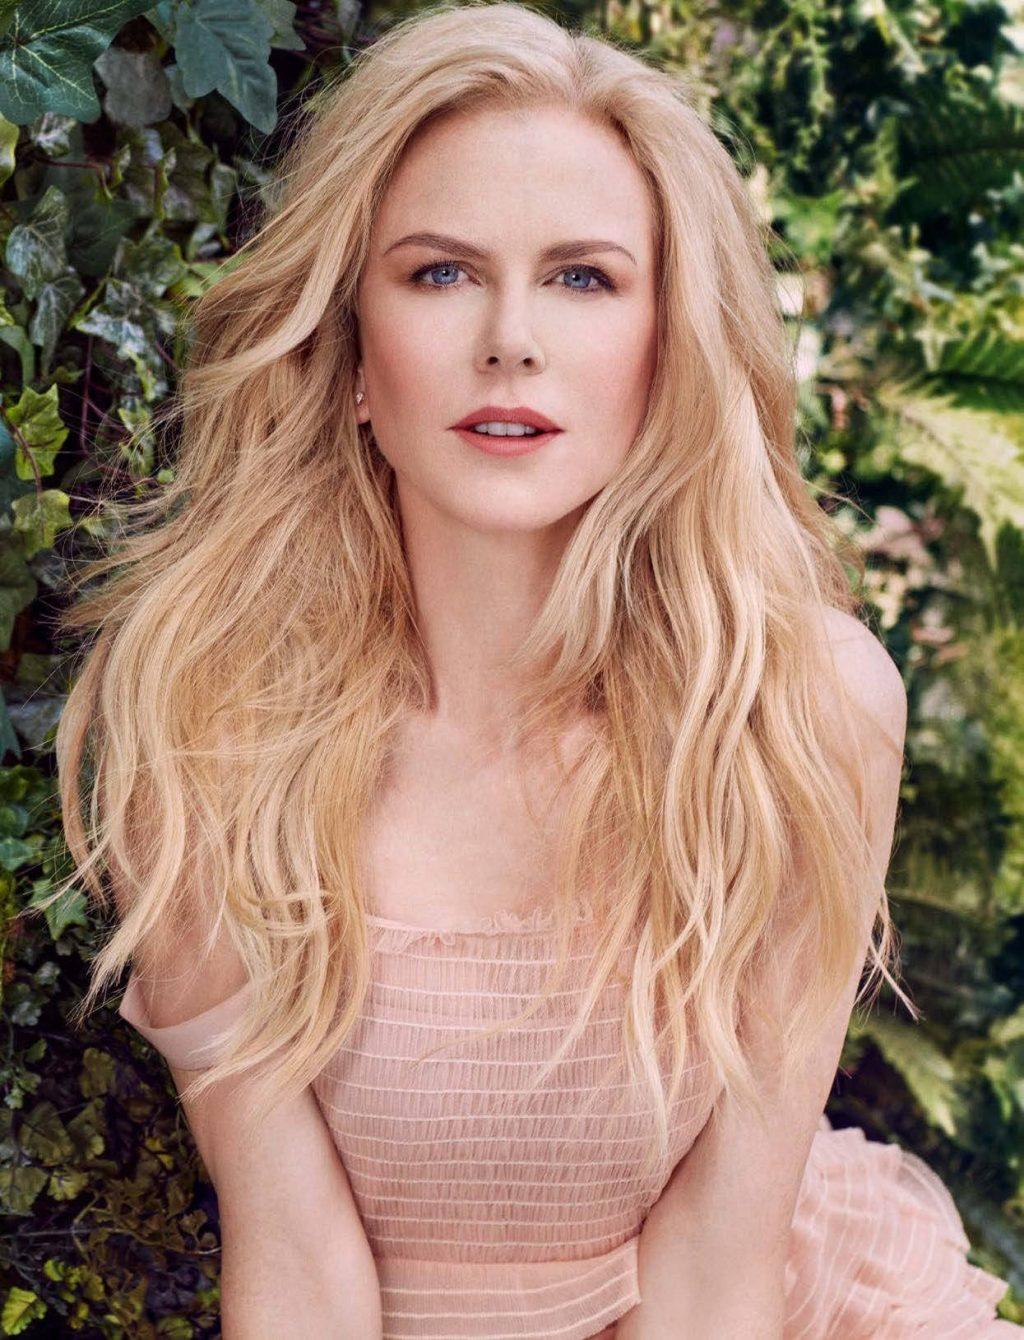 Nicole Kidman và bí quyết sở hữu vẻ đẹp trẻ trung